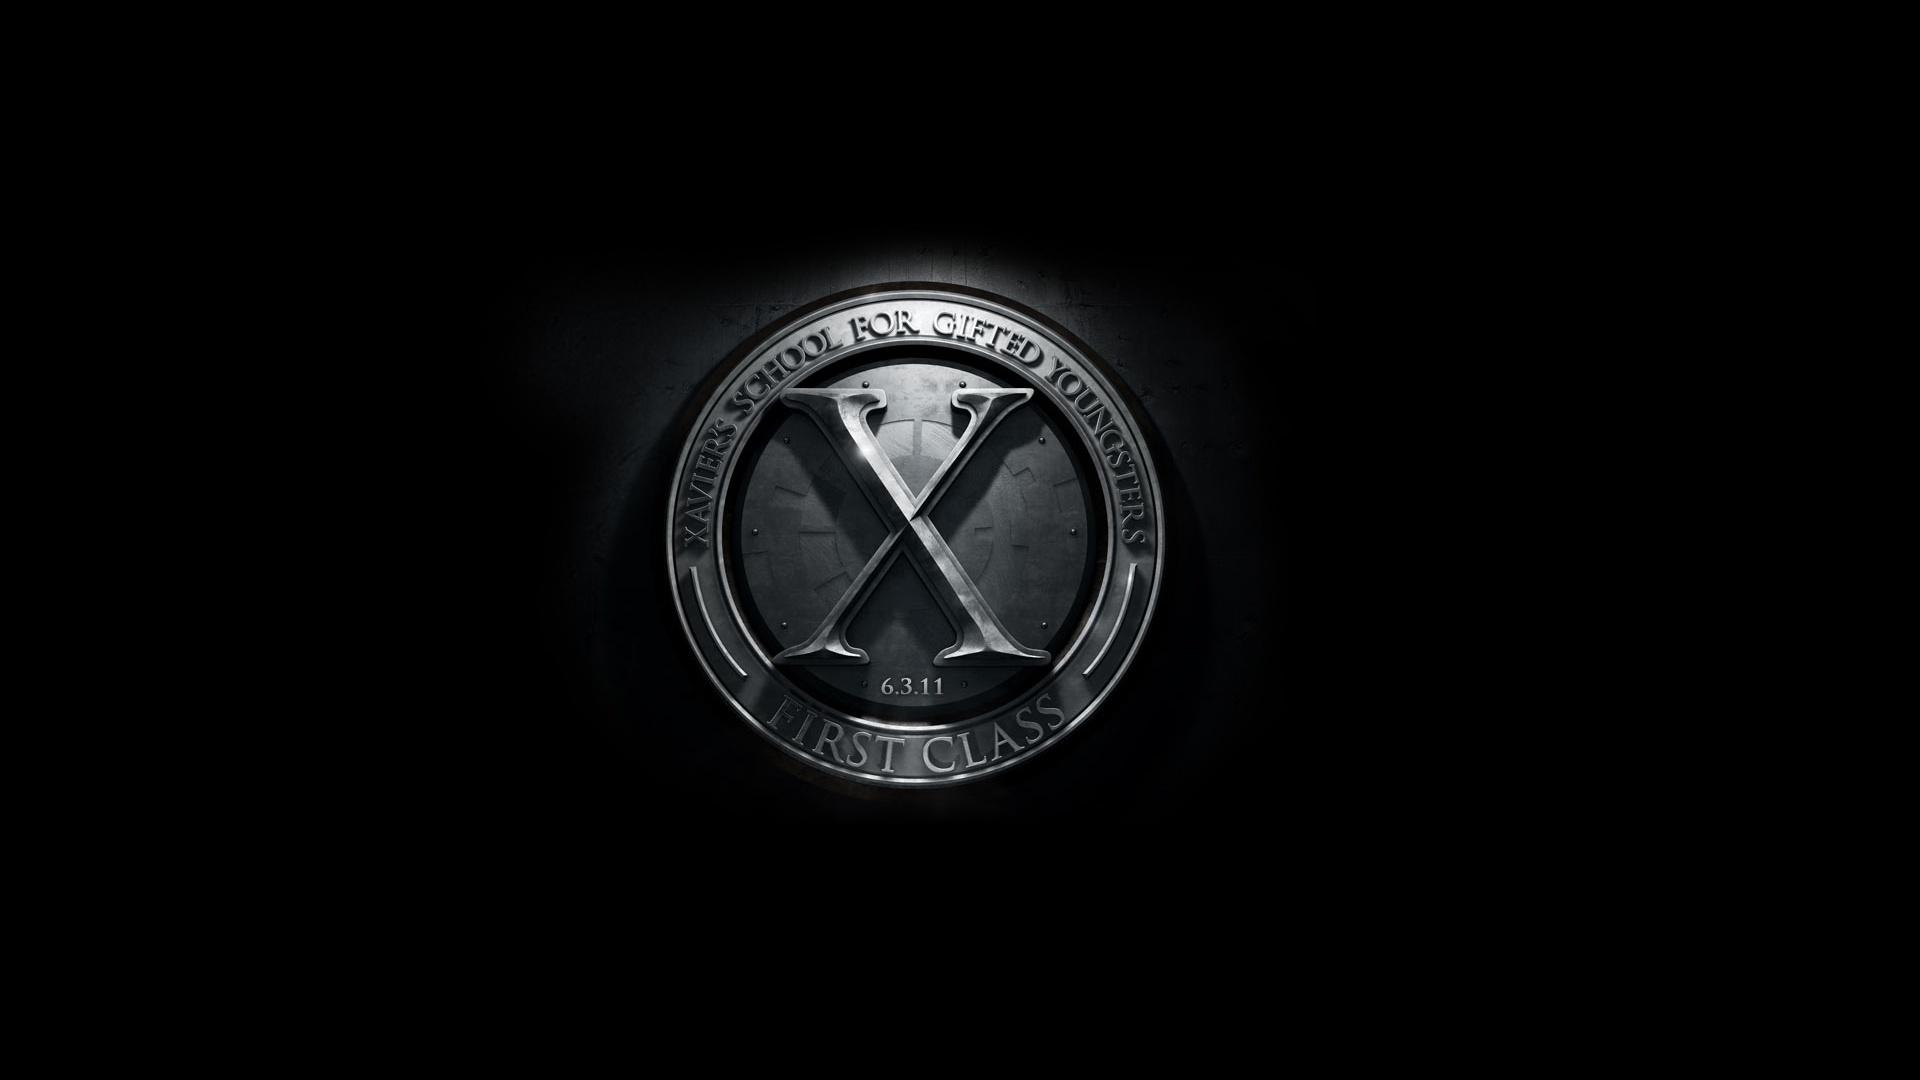 x men symbol wallpaper - photo #14